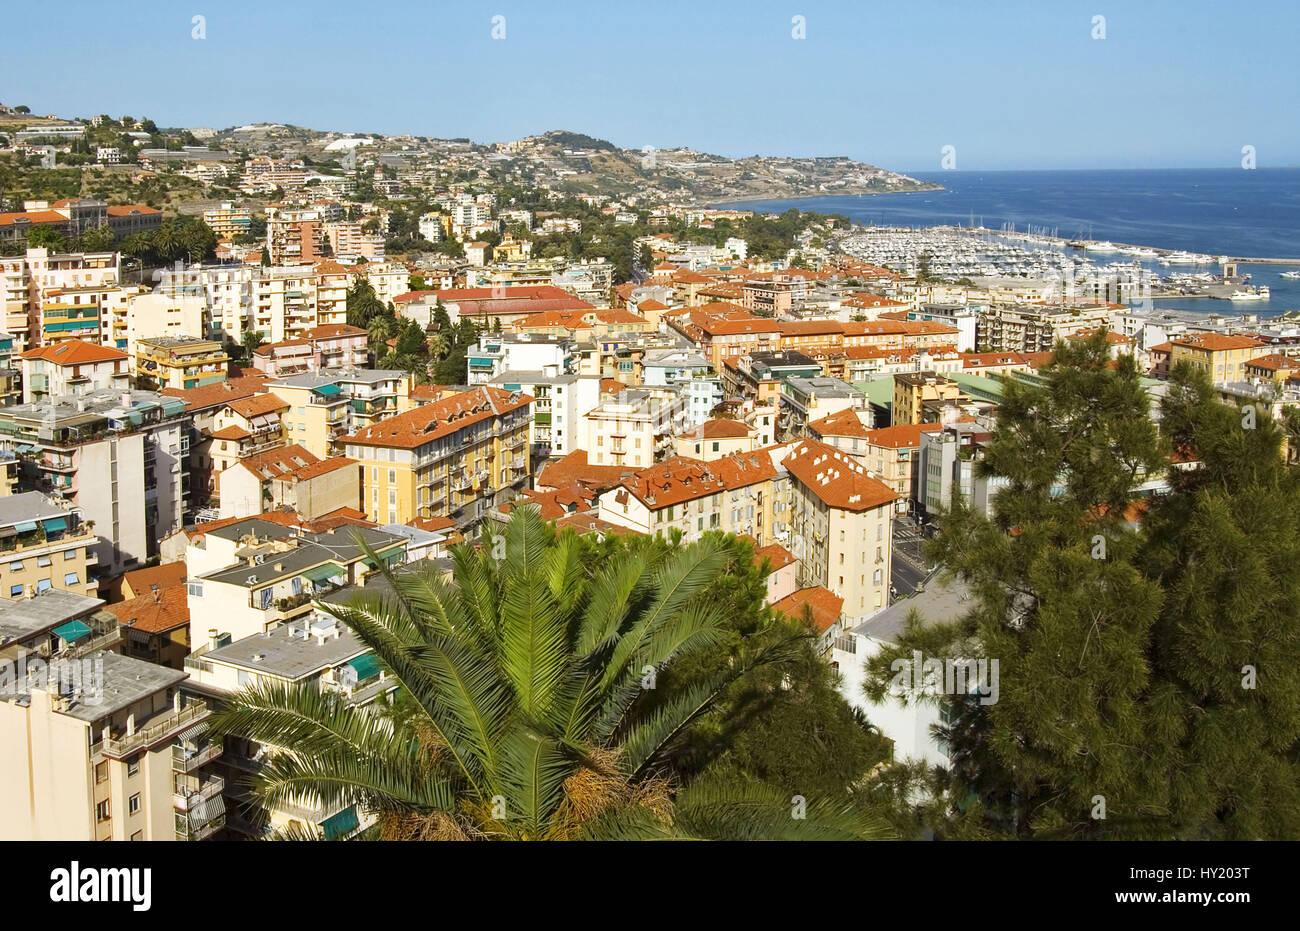 San Remo, ein bekanntes Reiseziel an der Ligurischen Küste, Nordwestitalien. - Stock Image